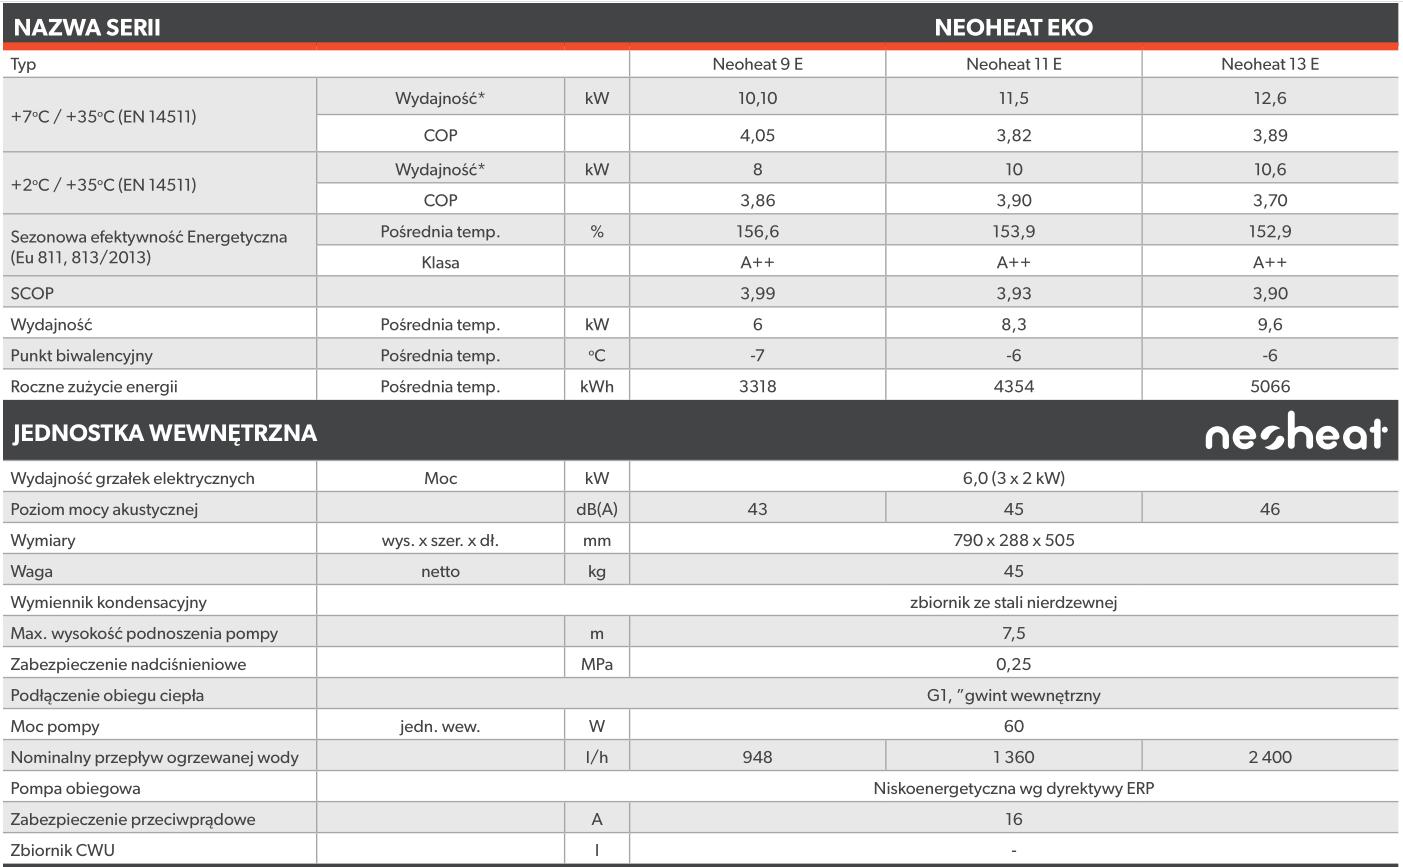 pompa-ciepla-neoheat-eko-specyfikacja